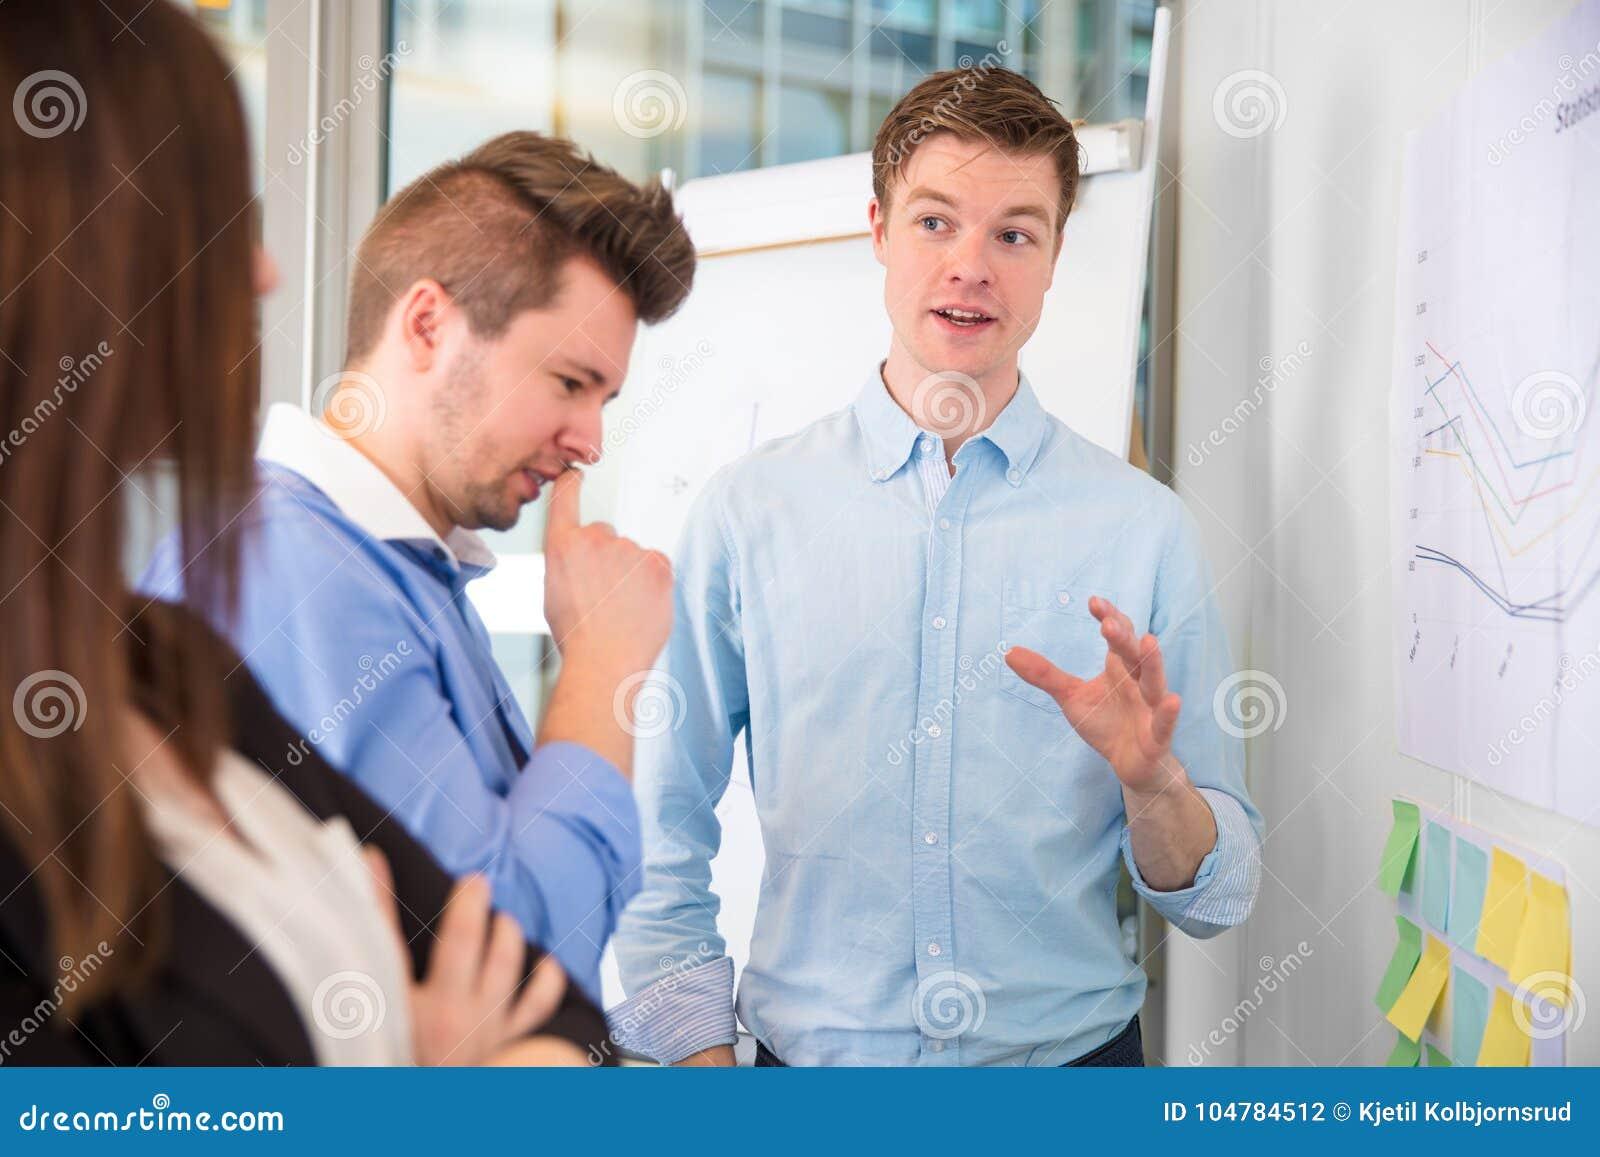 Geschäftsmann Gesturing While Communicating mit Kollegen